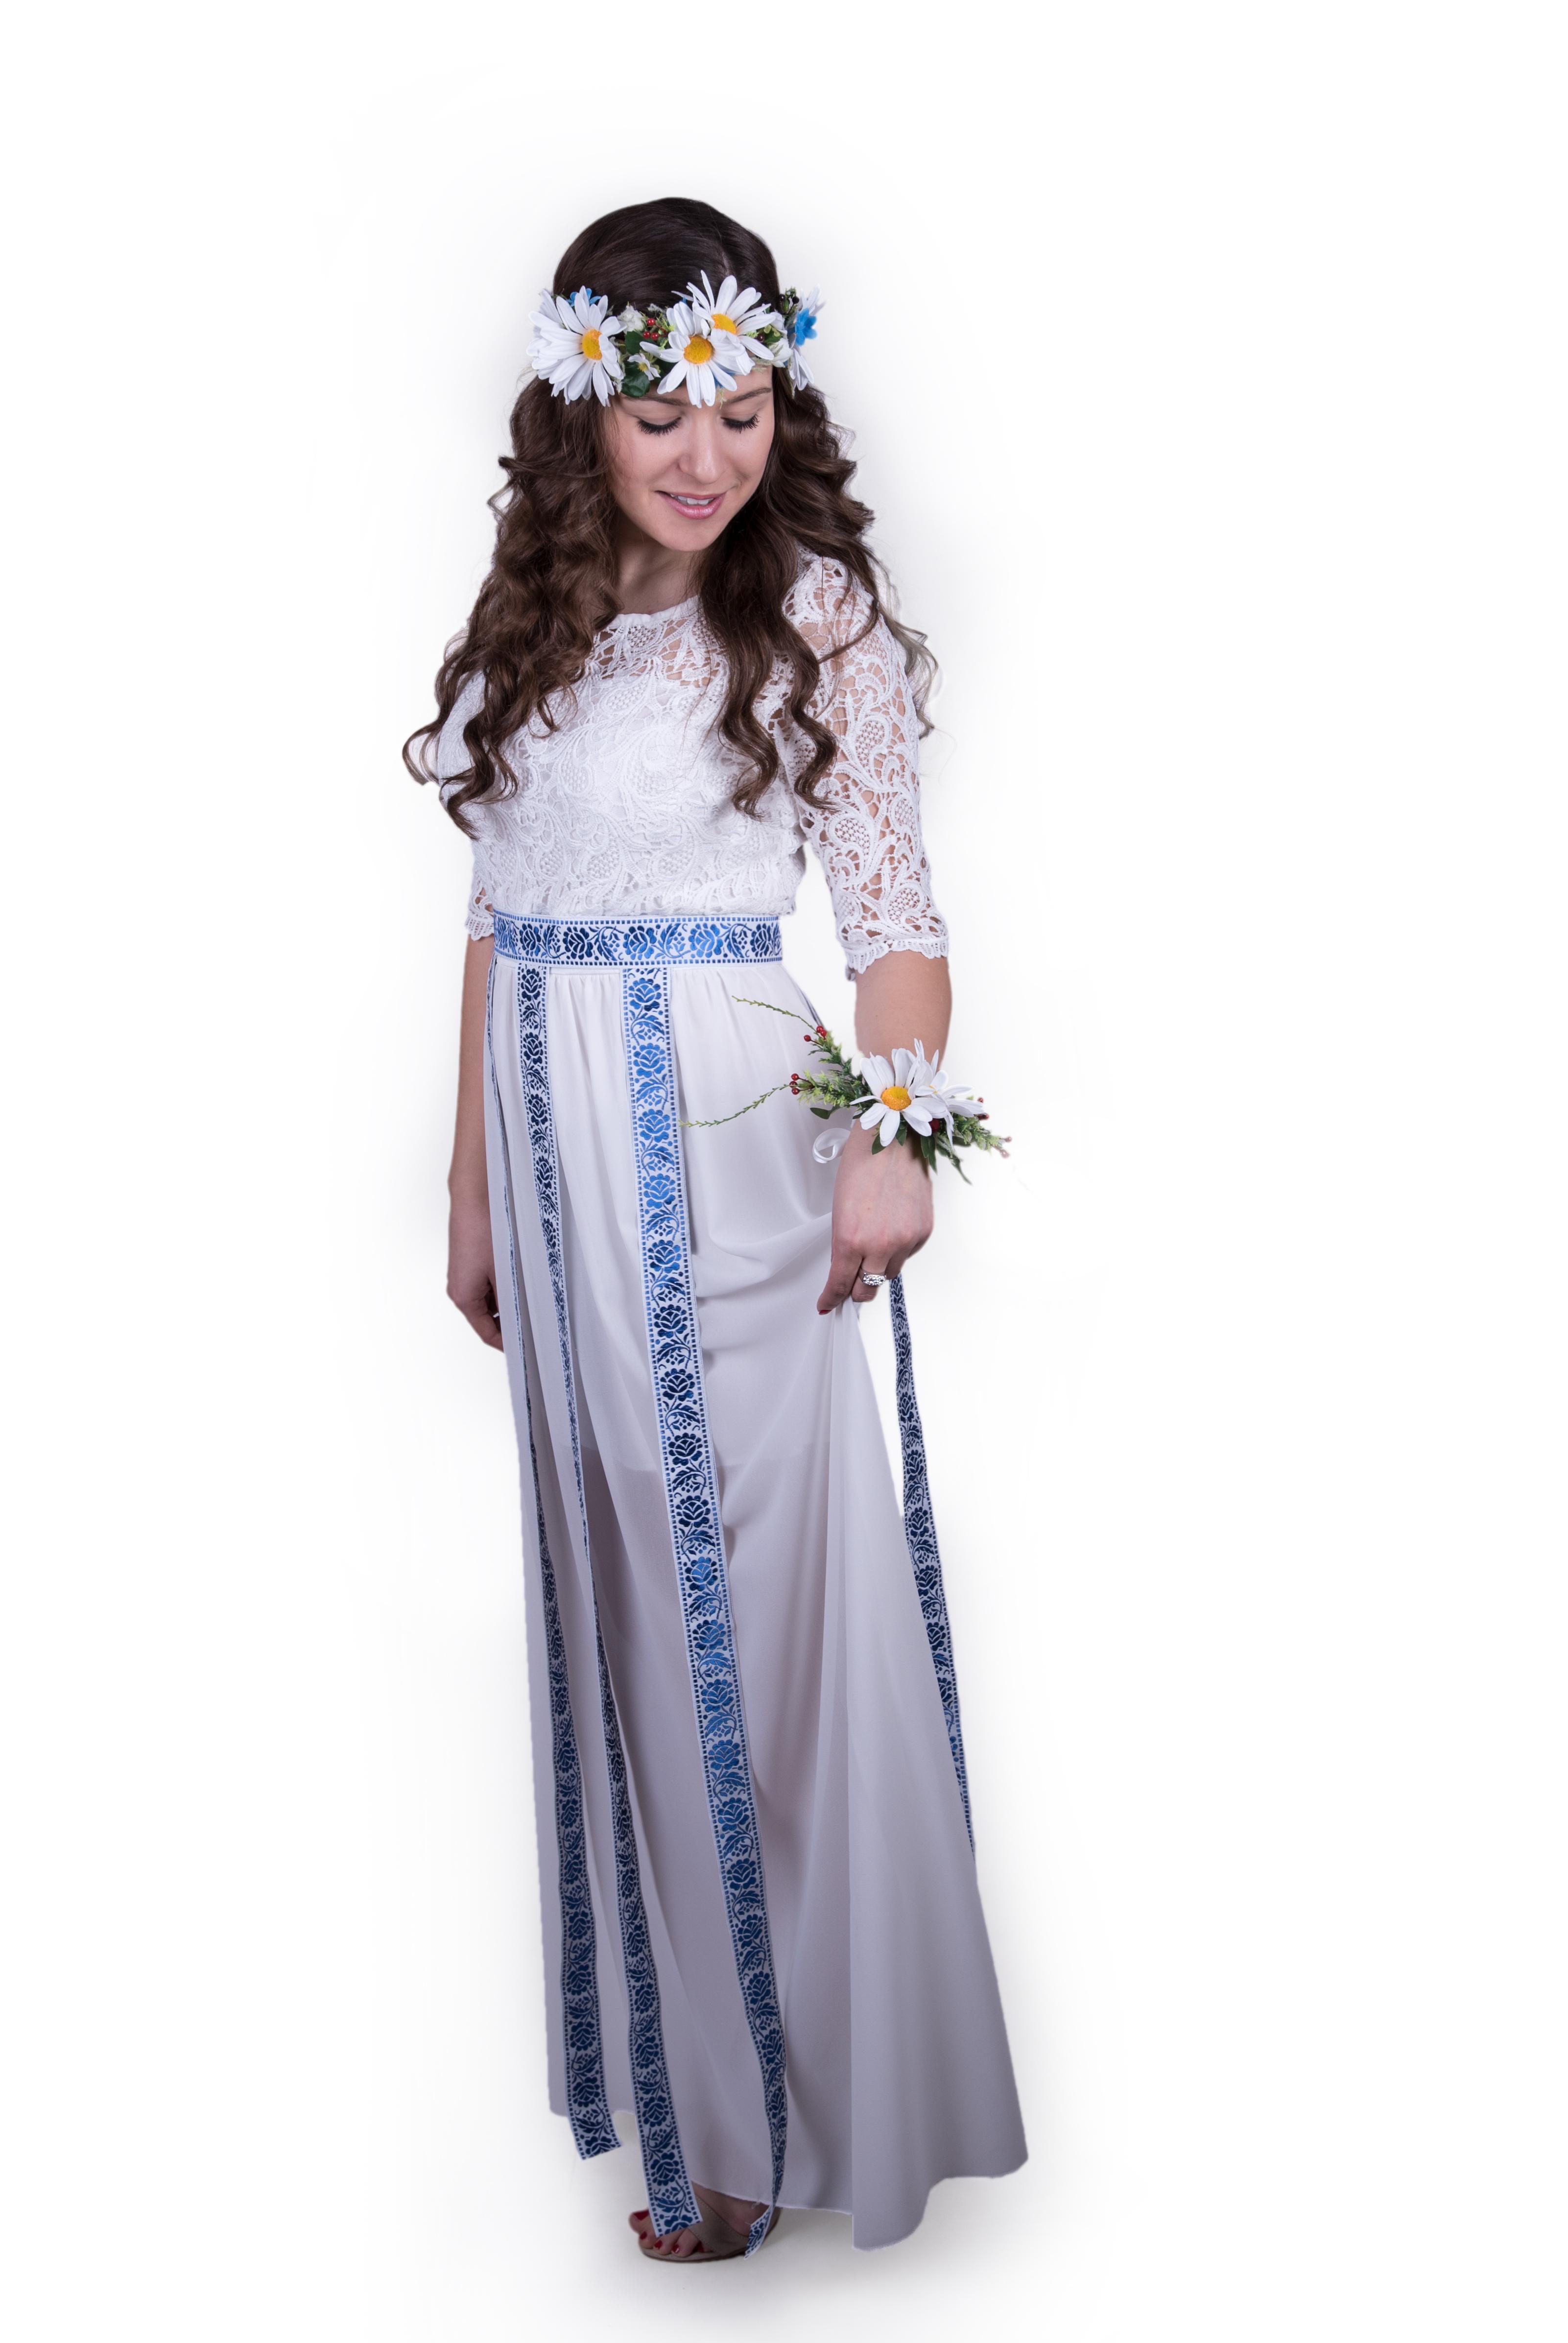 89572a87c4b3 Dreveno modrý svadobný luxus folk set + biele traky – babafolk.sk